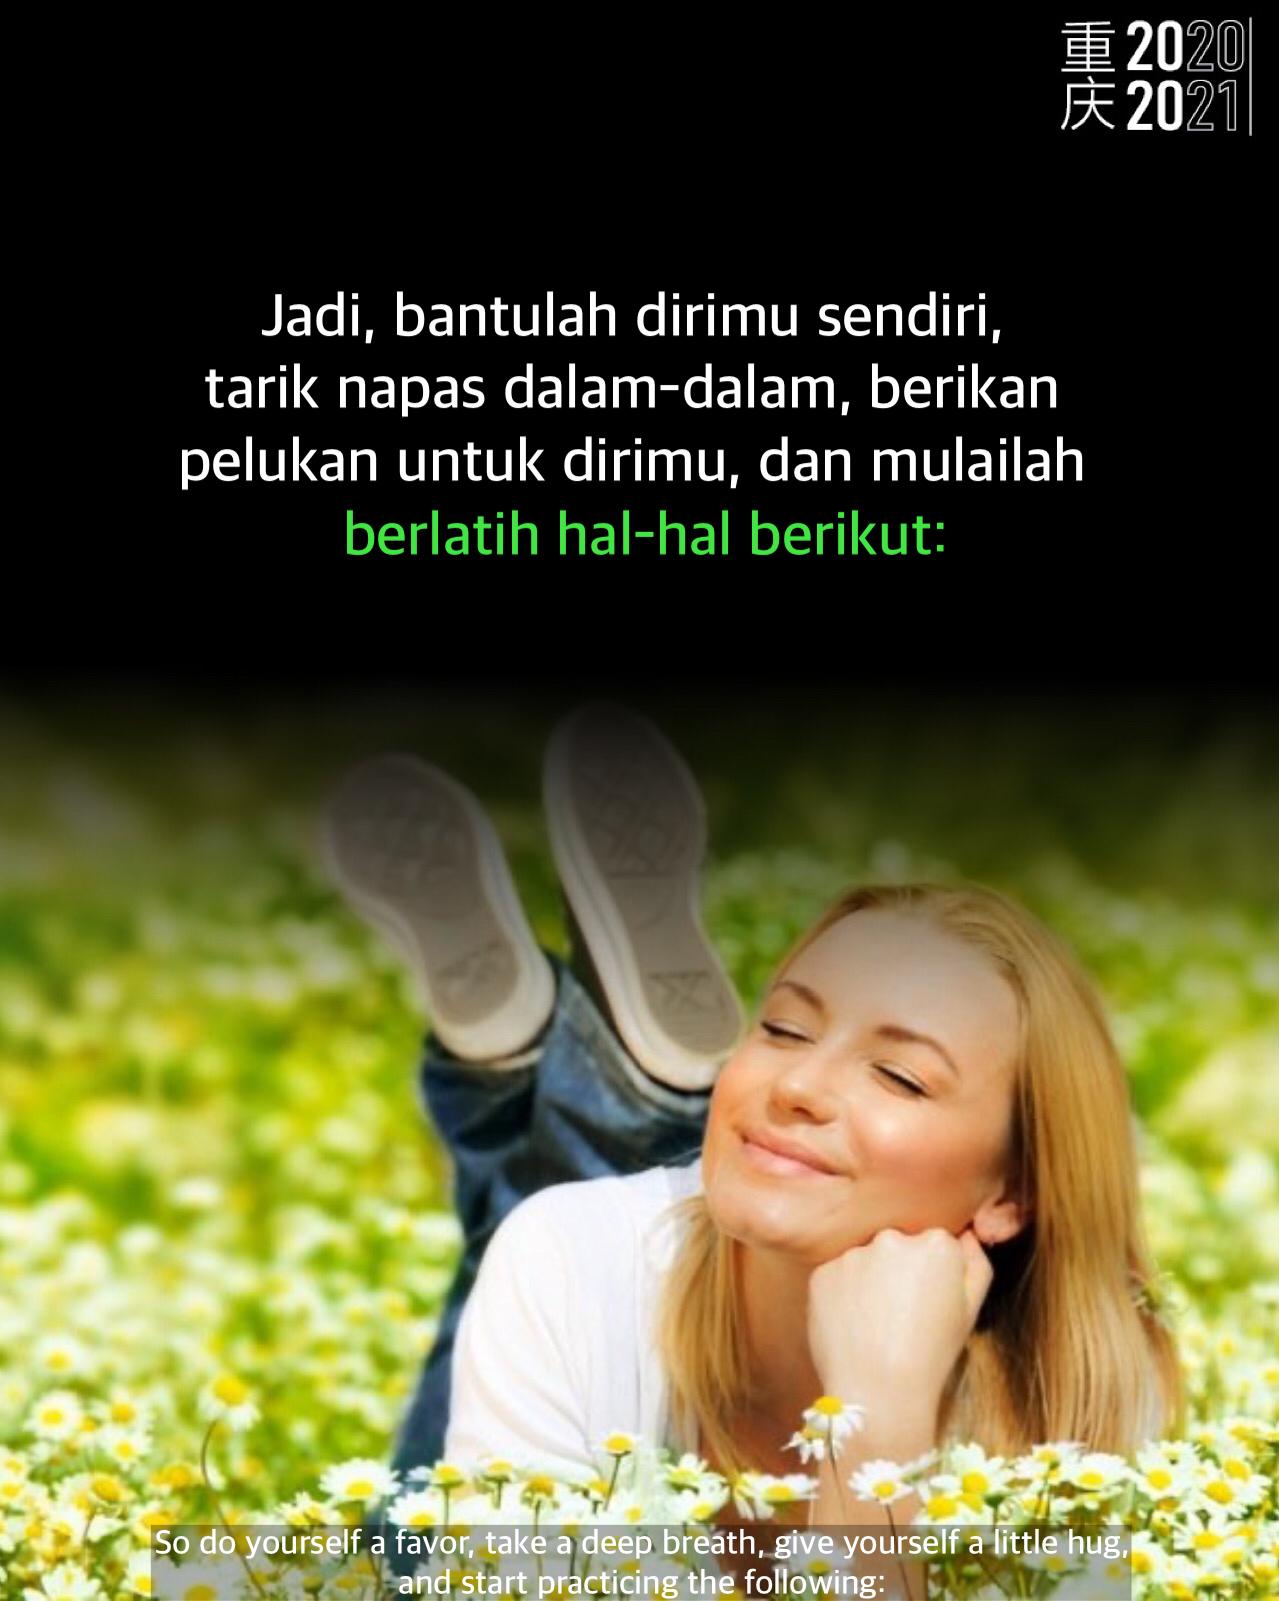 41604938281_.pic_hd